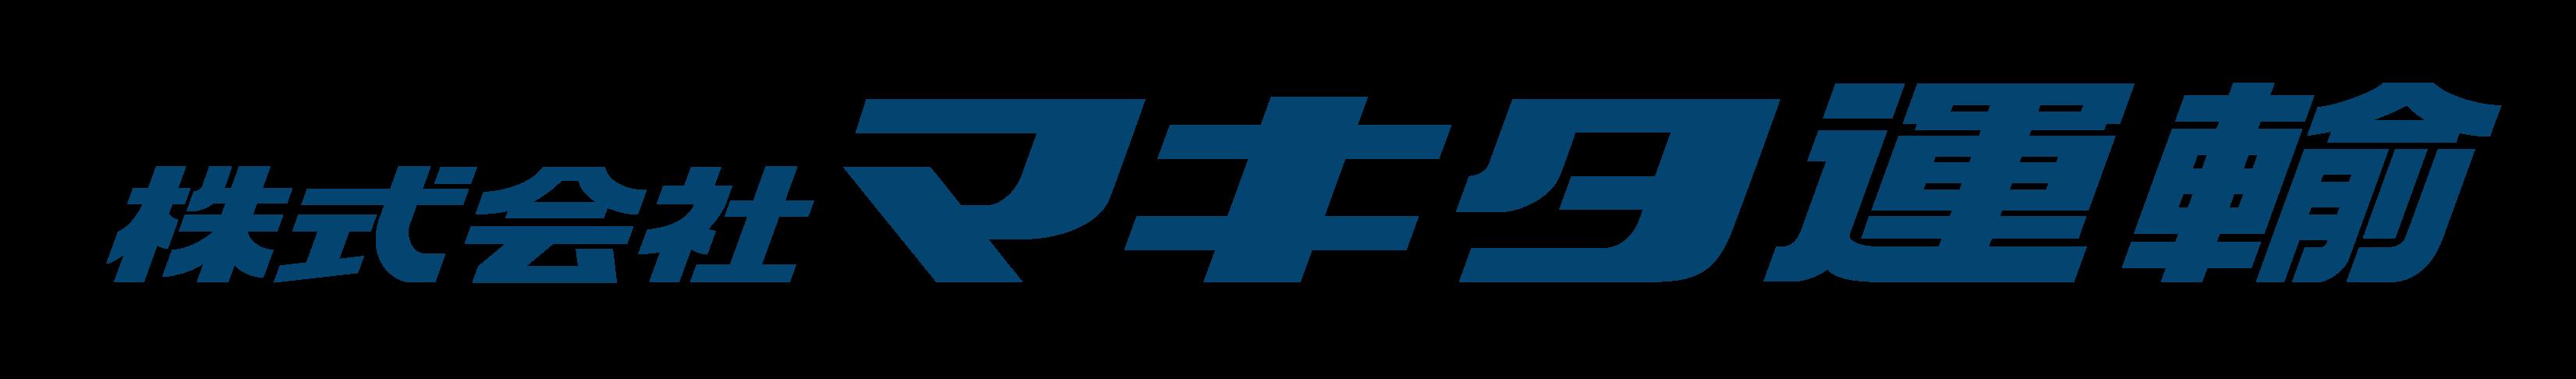 株式会社マキタ運輸